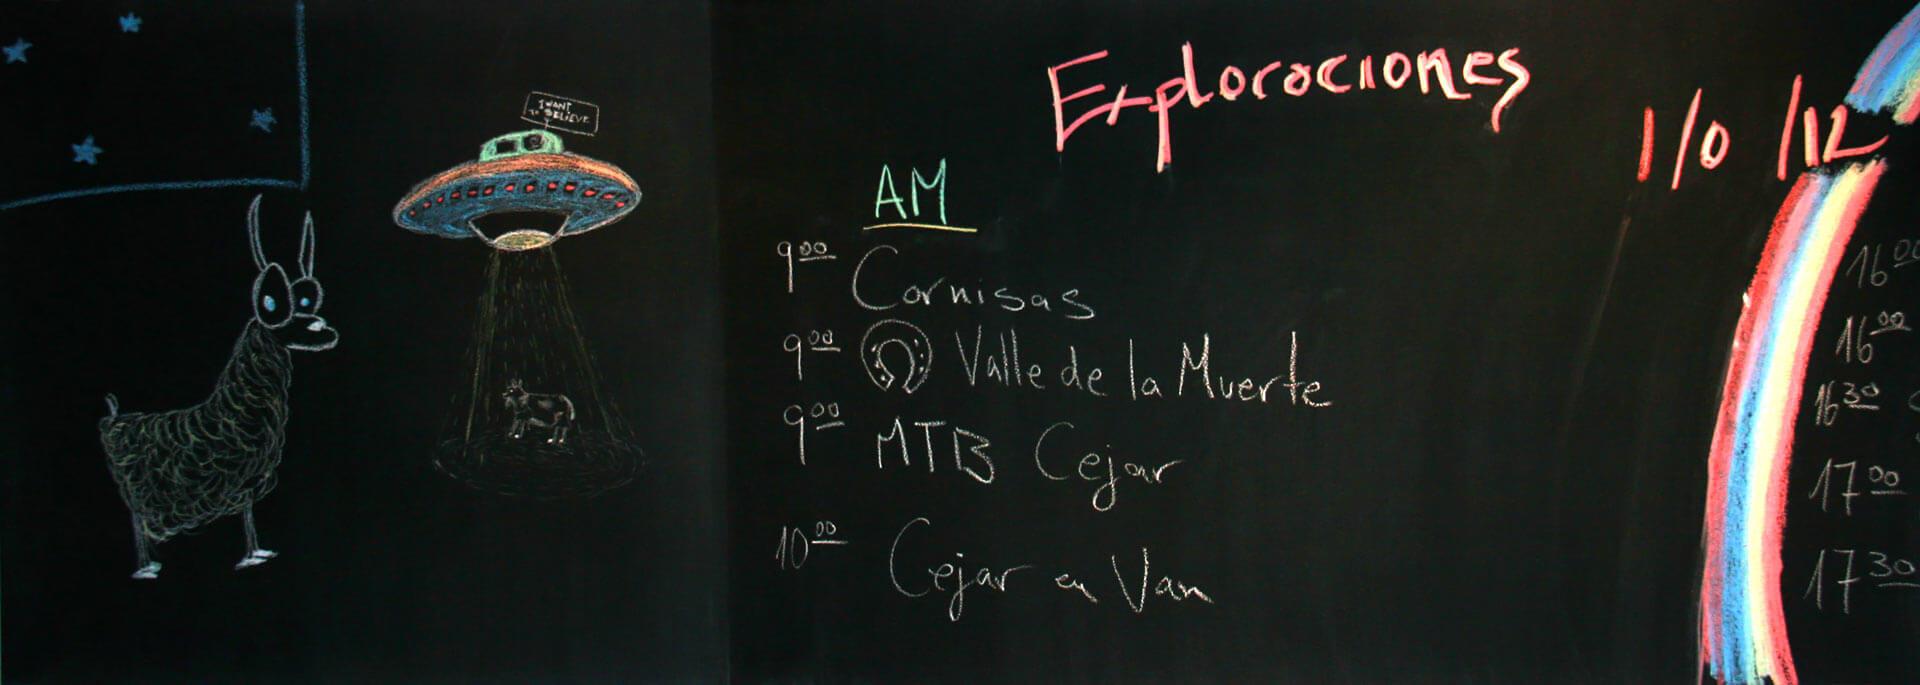 Reisetipp: explora Hotels Atacama & Rapa Nui - 2